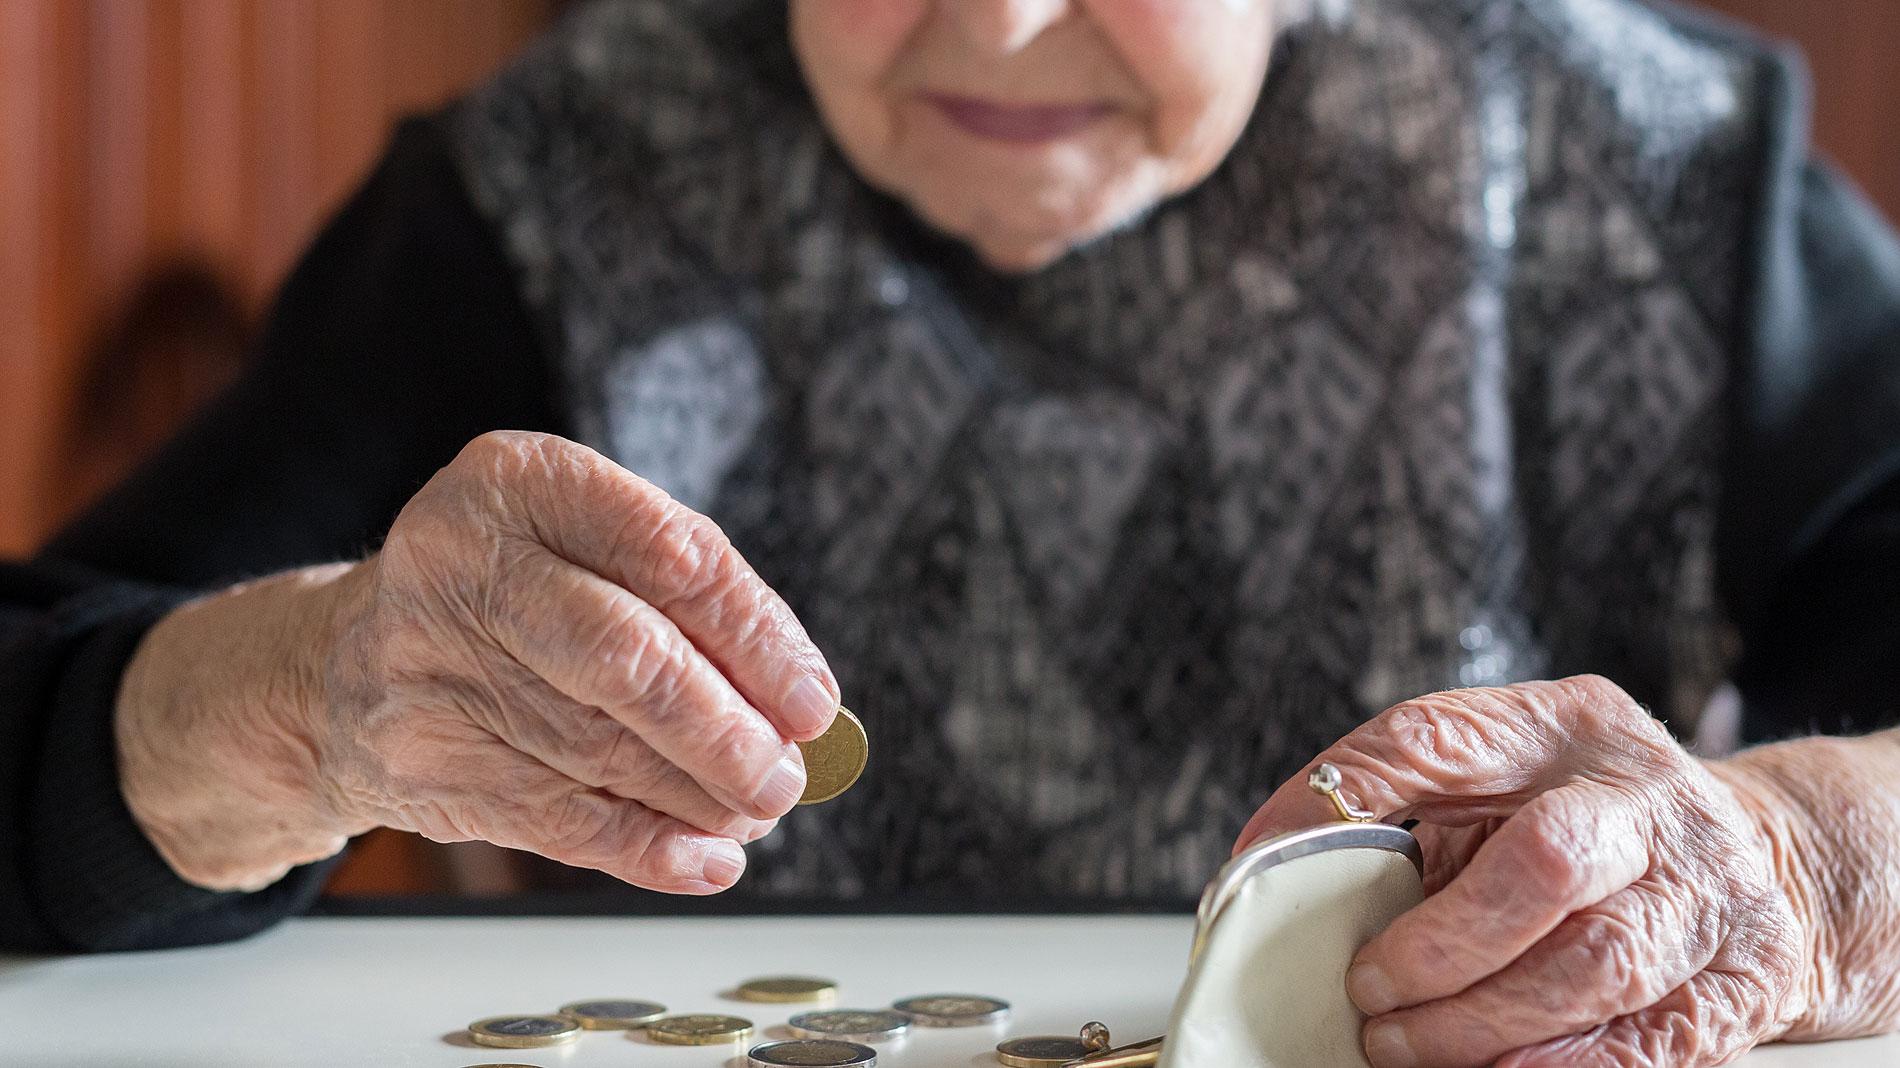 Presupuestos 2019 - Subida del salario mínimo, de las pensiones y de los impuestos a las rentas más altas